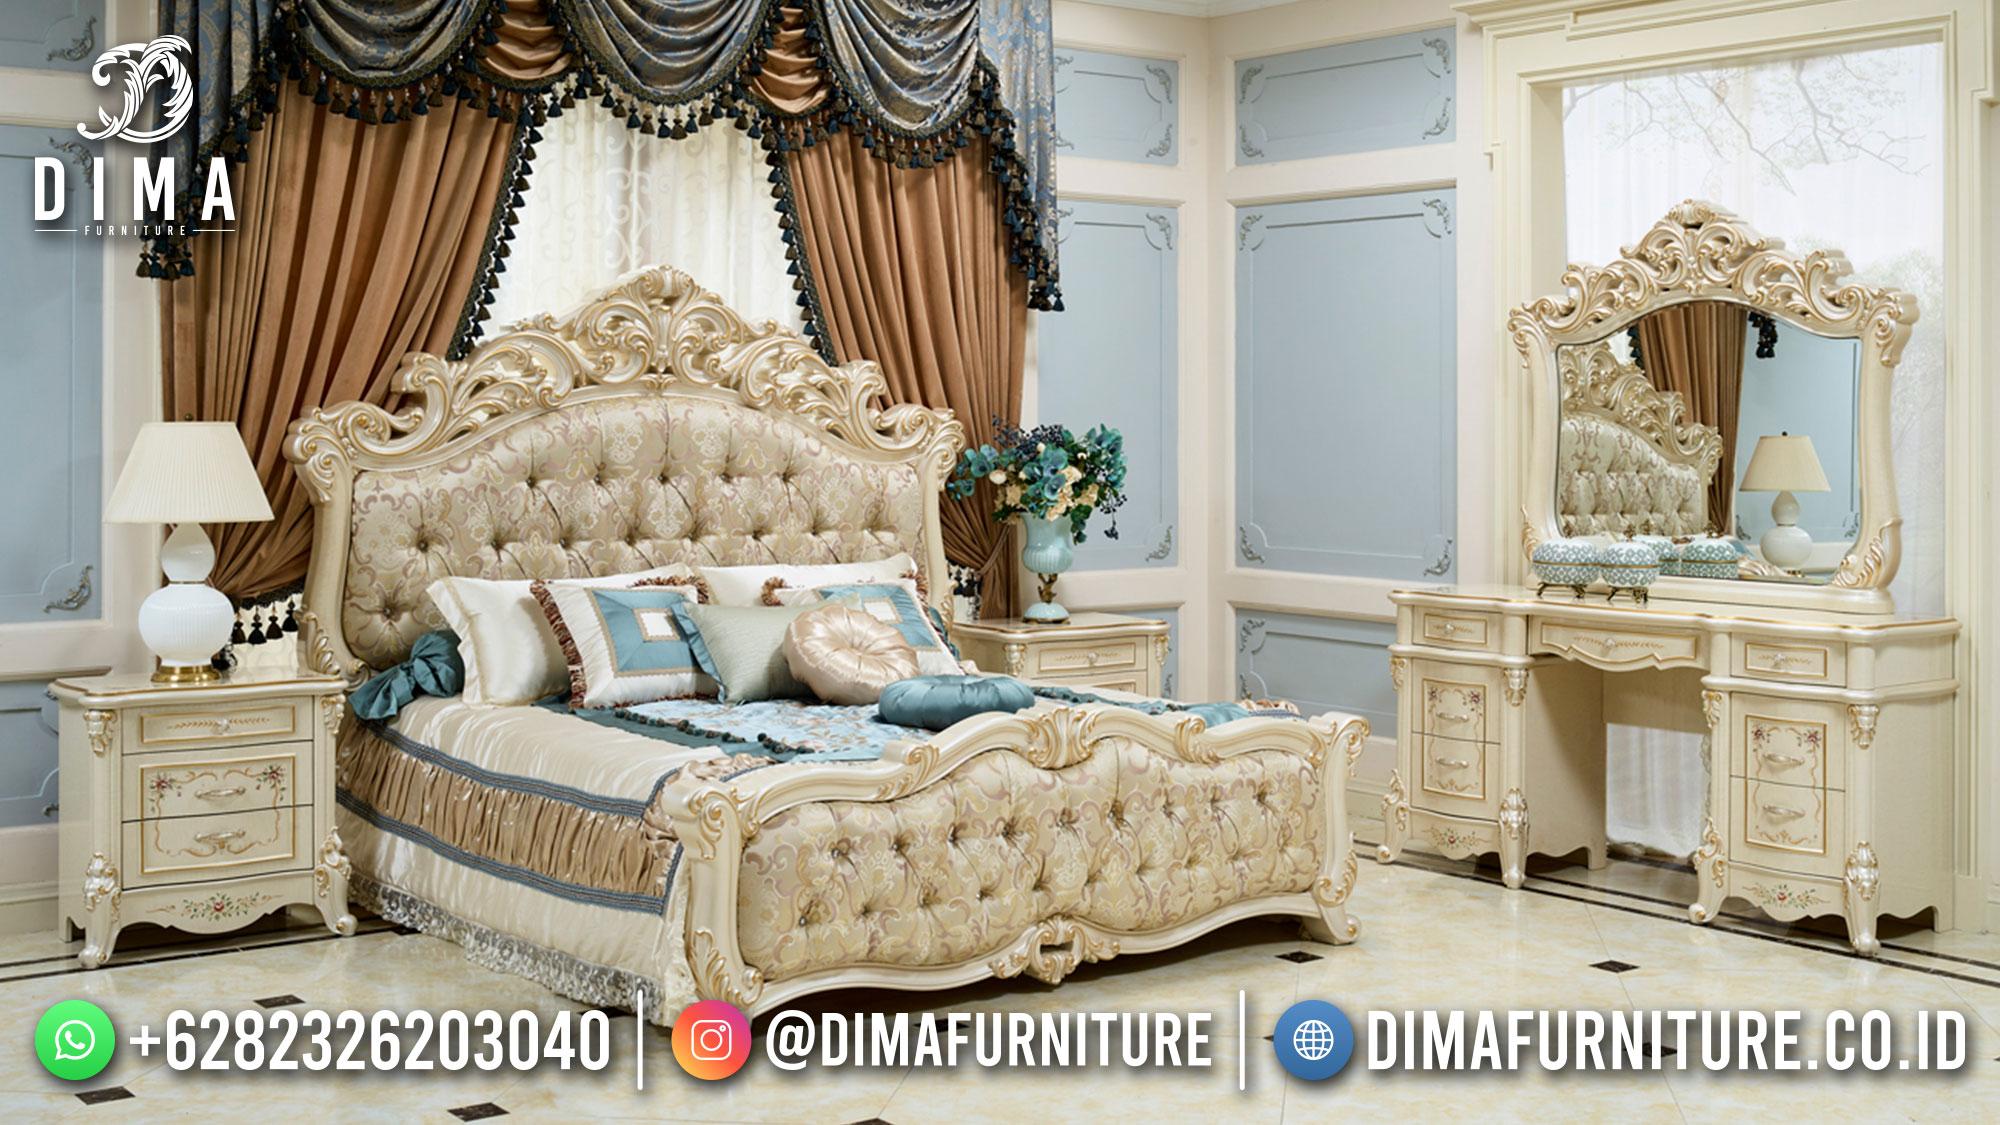 New Tempat Tidur Mewah Ukiran Luxurious Design Excellent Color ST-1405